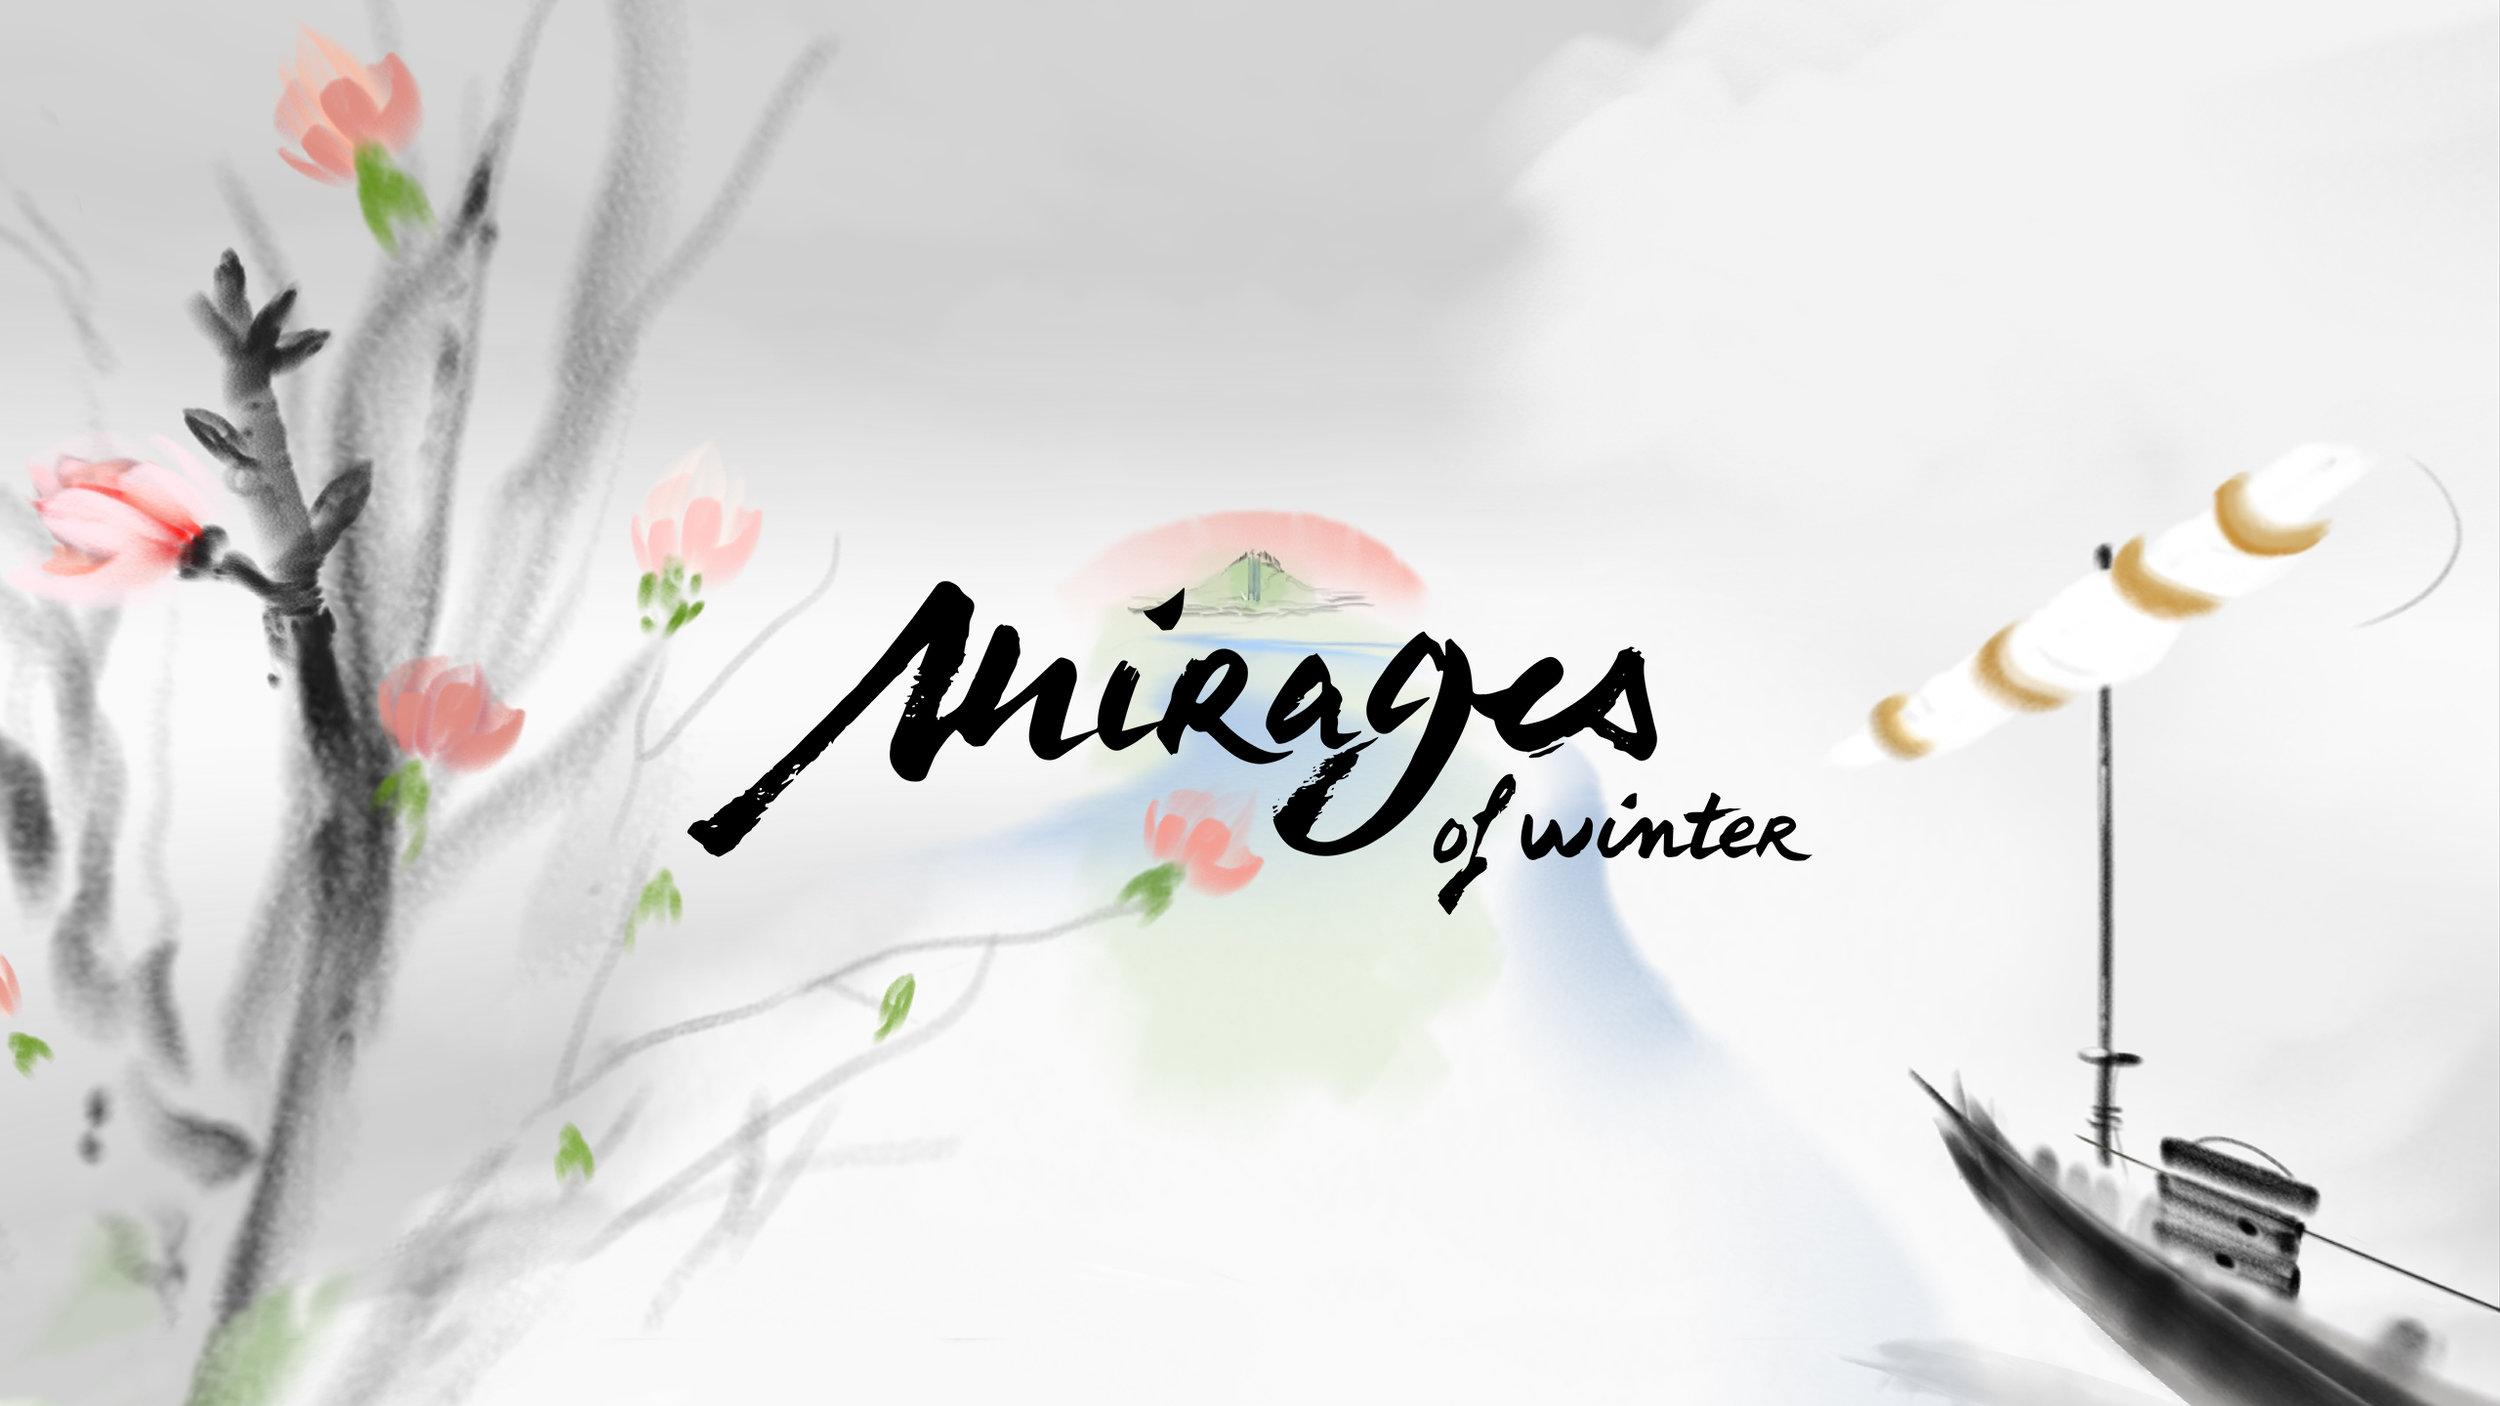 MiragesOfWinter_SplashScreen_1440p.jpg